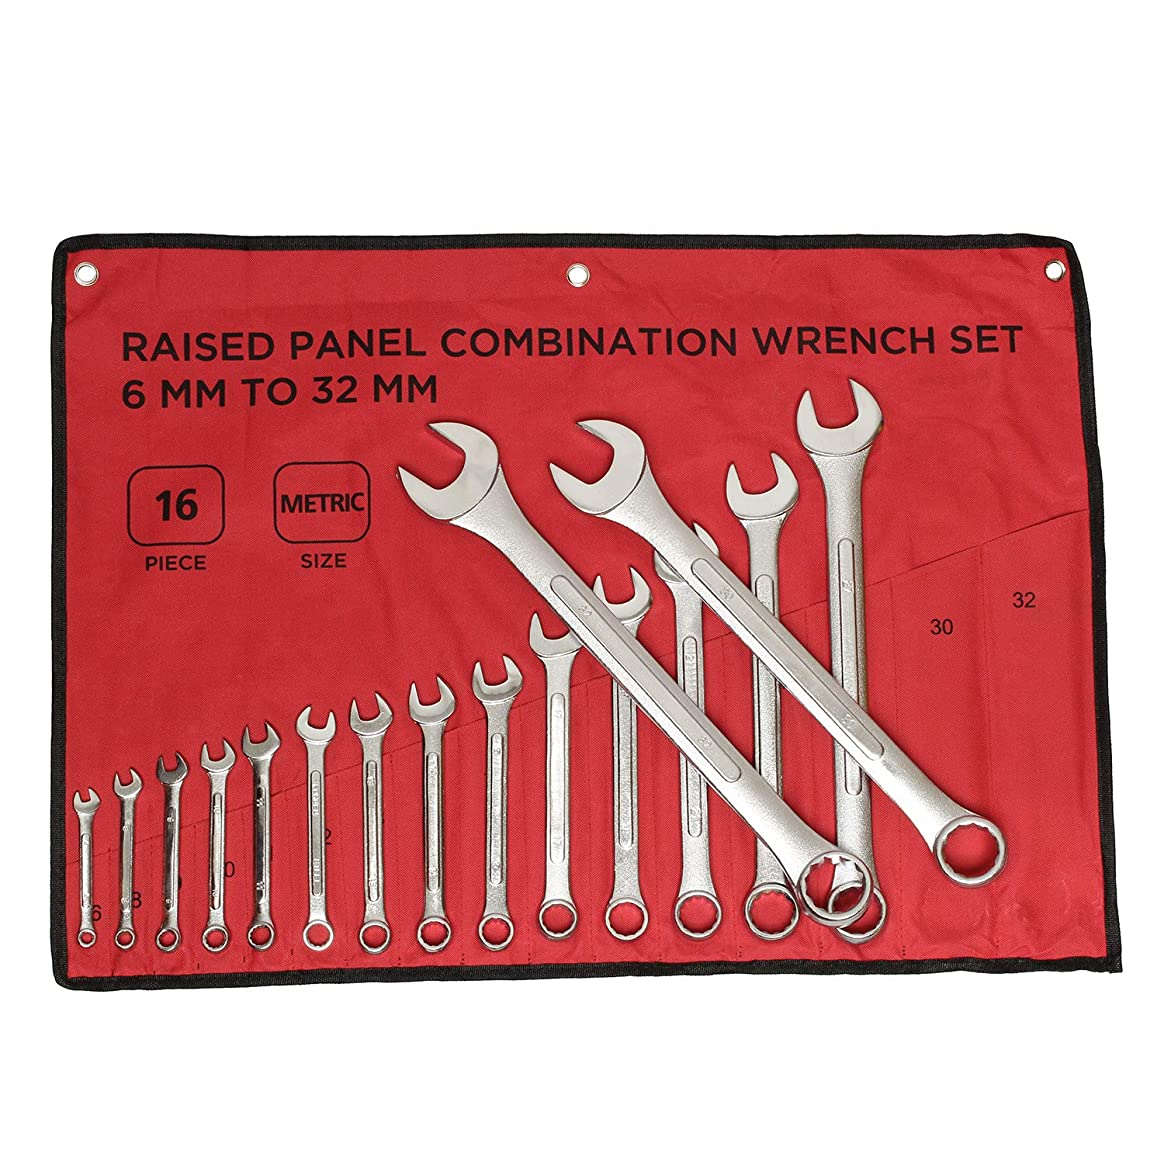 少数リスシロクマABN? | Raised Panel Combination Wrench Set Metric Wrench Set Metric Wrenches Set 6mm-32mm 16pc Combination Wrenches Set